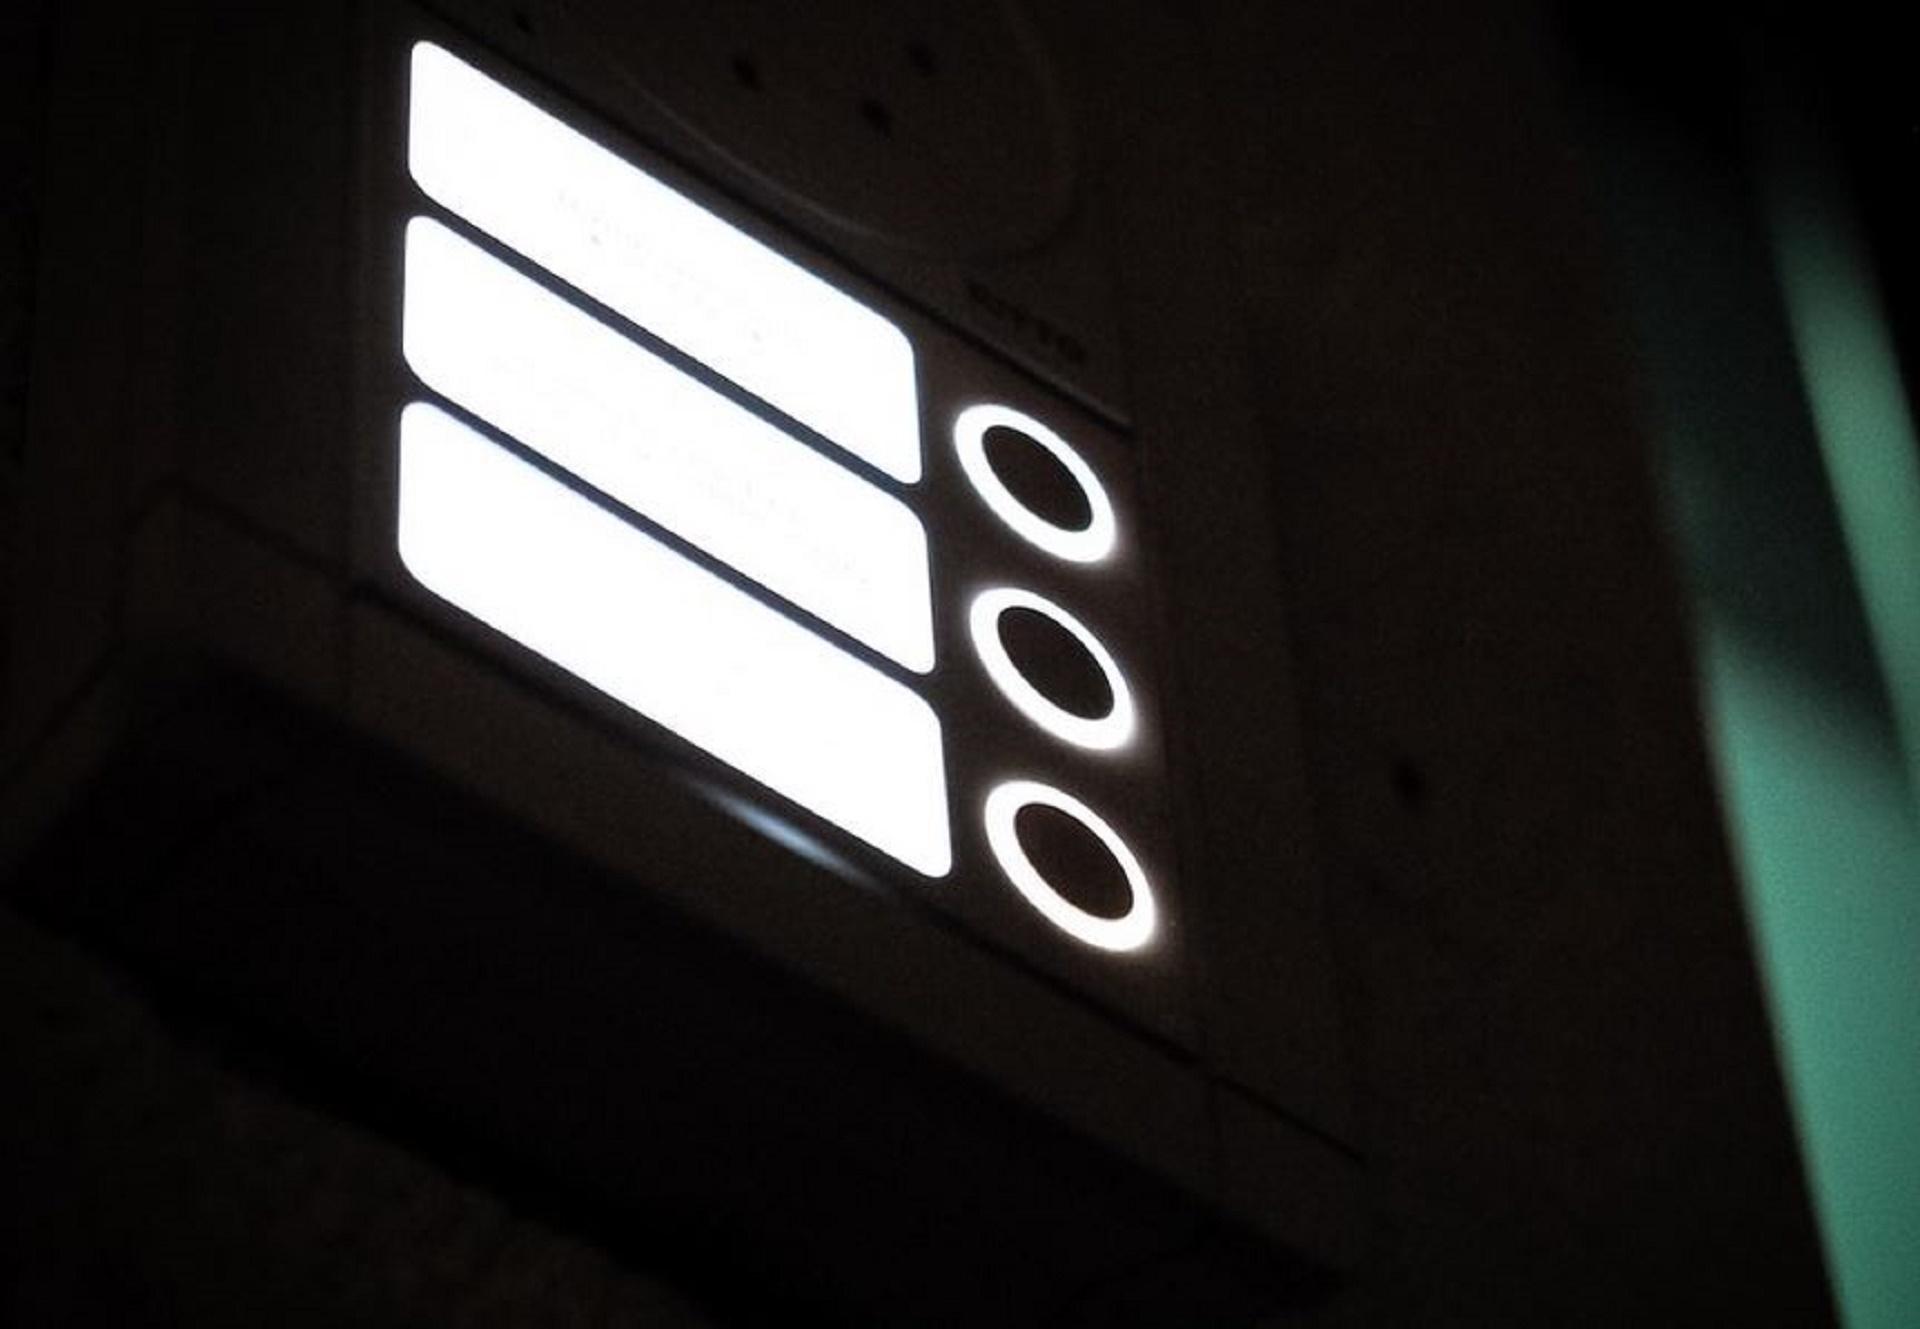 sonnette sans fil ni pile, le carillon autonome facile à installer